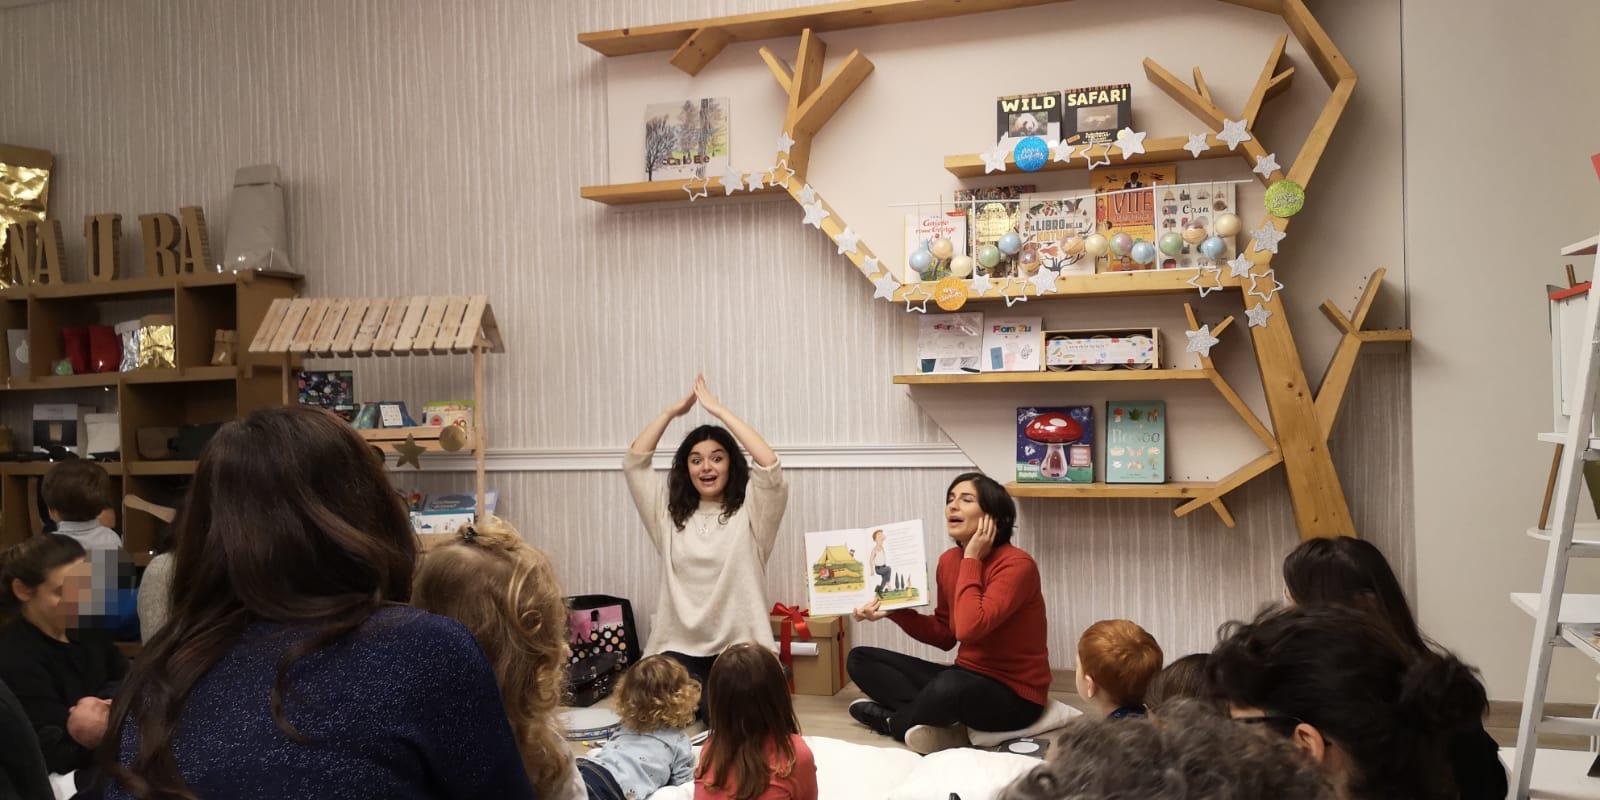 Parole in Musica: piccolo spettacolo interattivo per bimb* da 2 a 6 anni